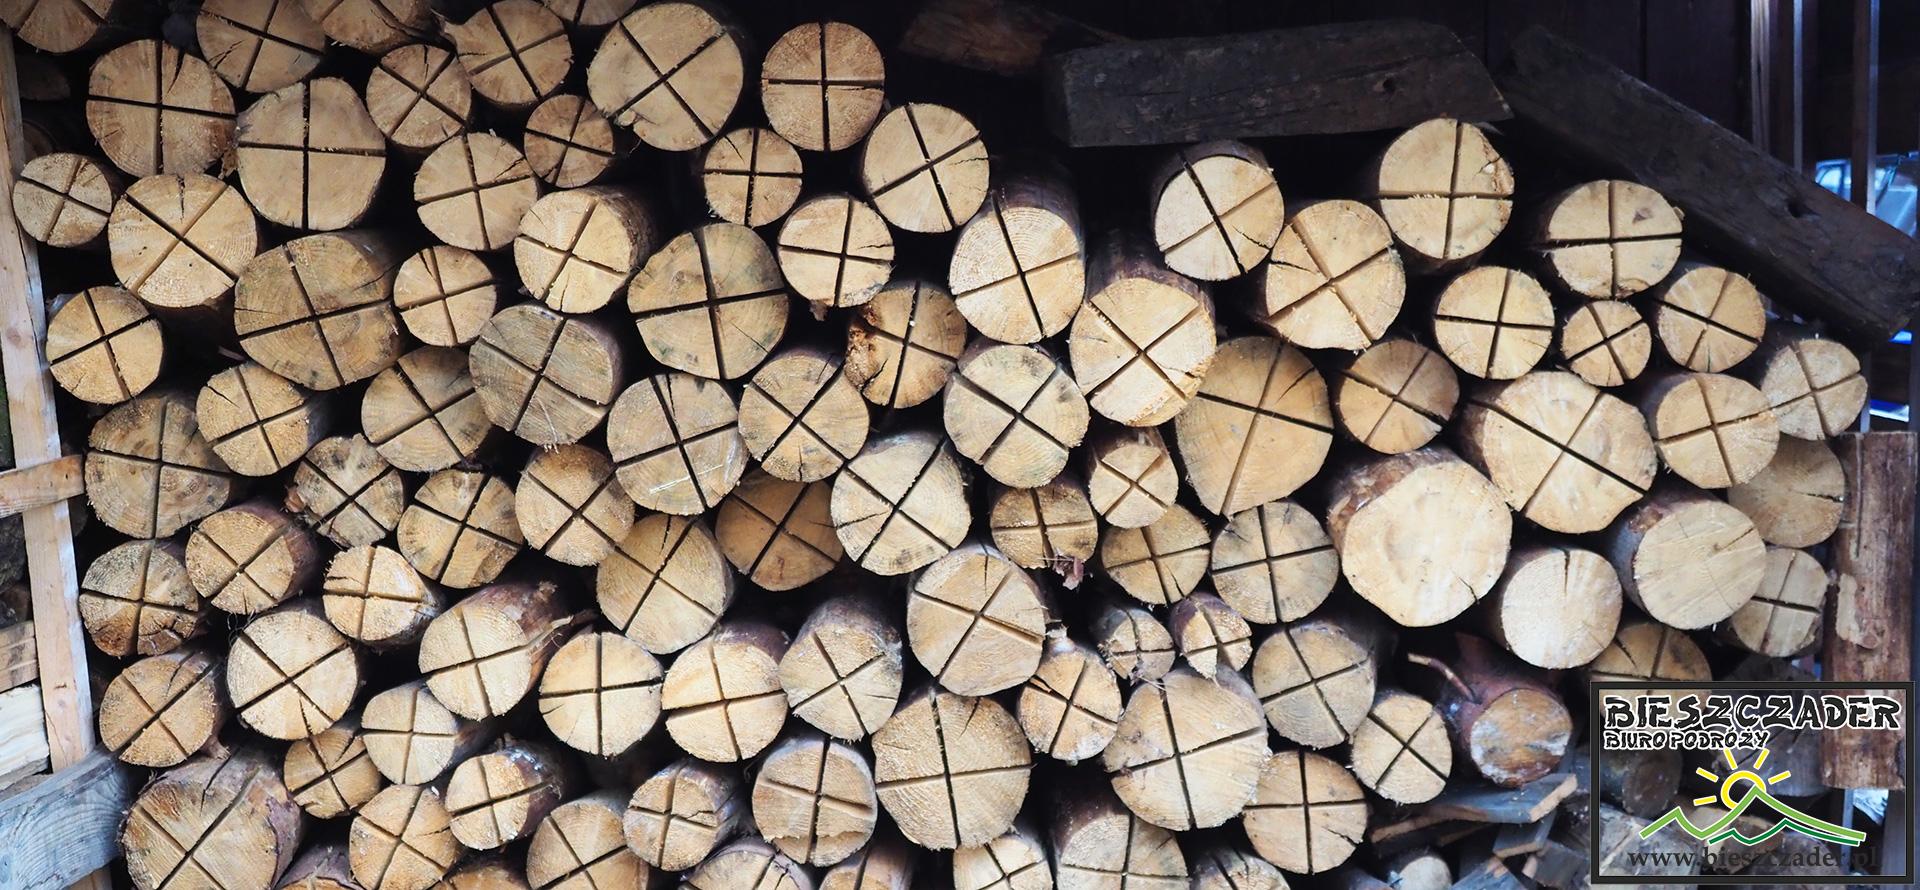 Leśne pochodnie przygotowane na kuligi po Bieszczadach - zostały wymyślone przez Załogę Biura Podróży Bieszczader.